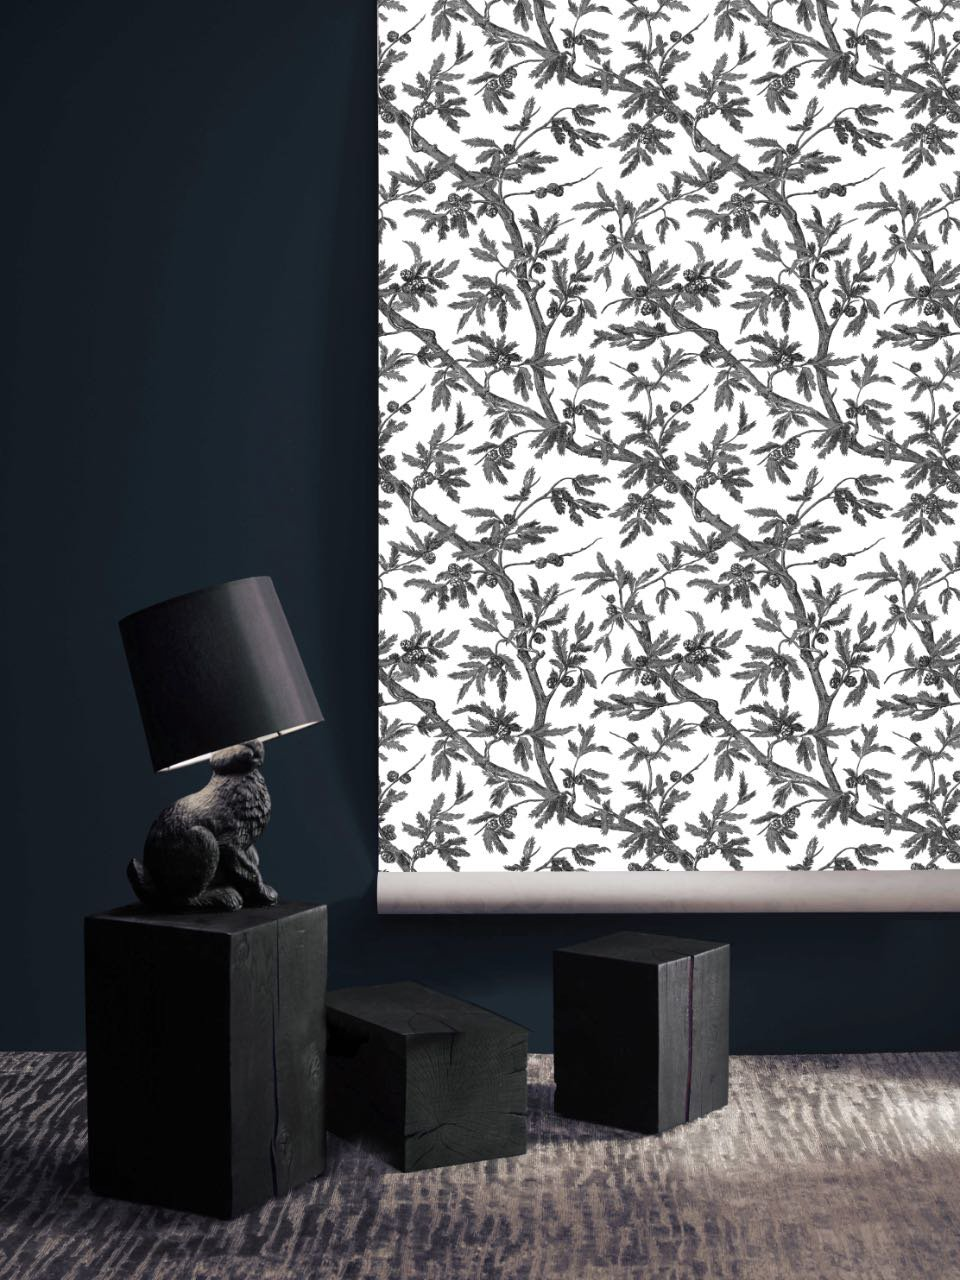 フランス壁紙 フリース(不織布) - 防炎加工 マドレーヌ・カスタン デザイン 《ブランシュー》 ブラック